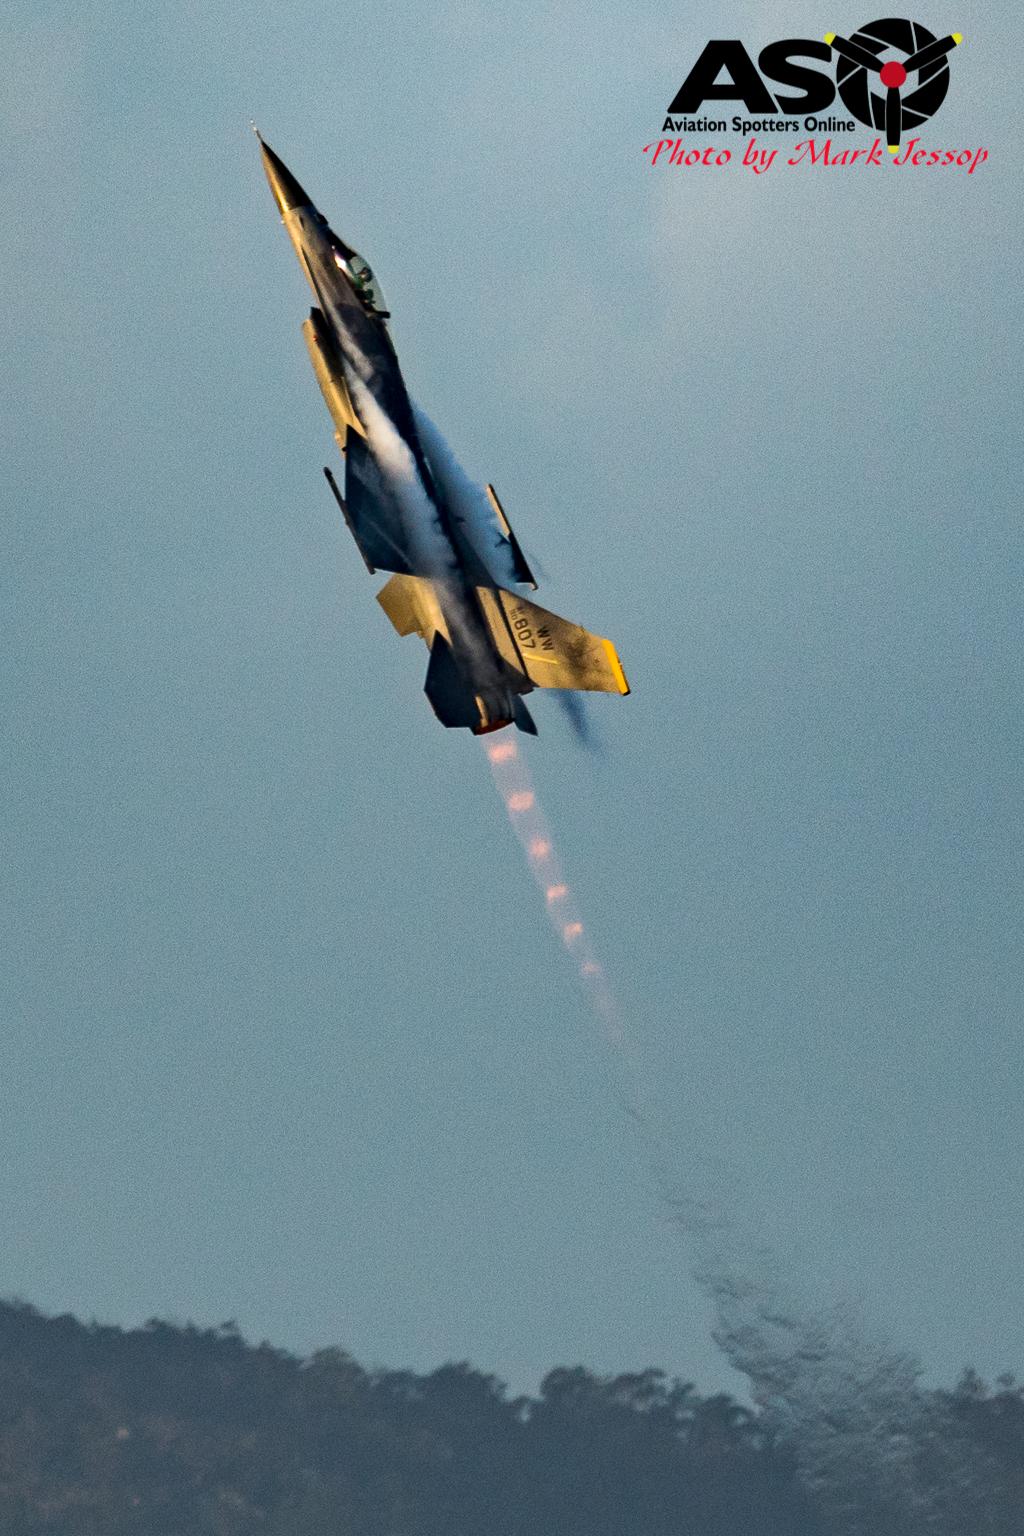 USAF F-16 pulling up hard with burner lit